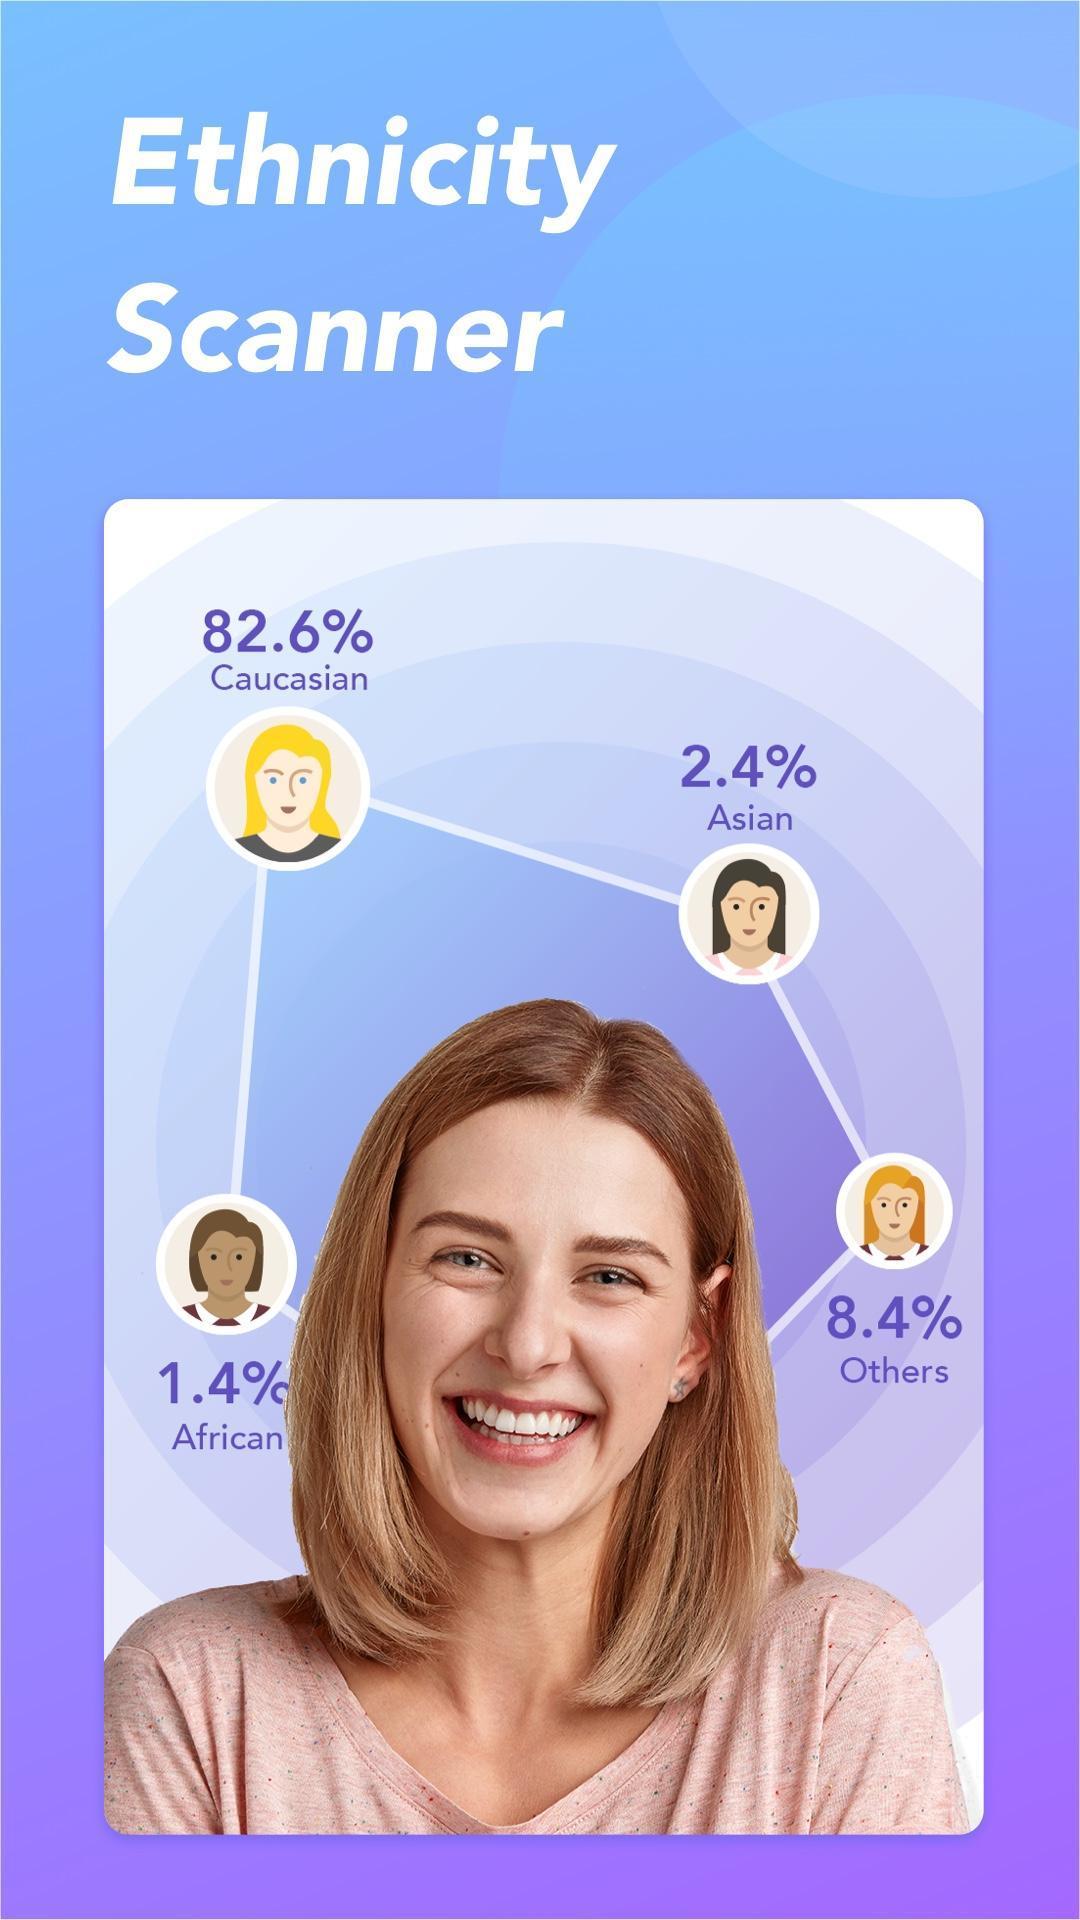 Face Secret Master download app for Android - eenternet